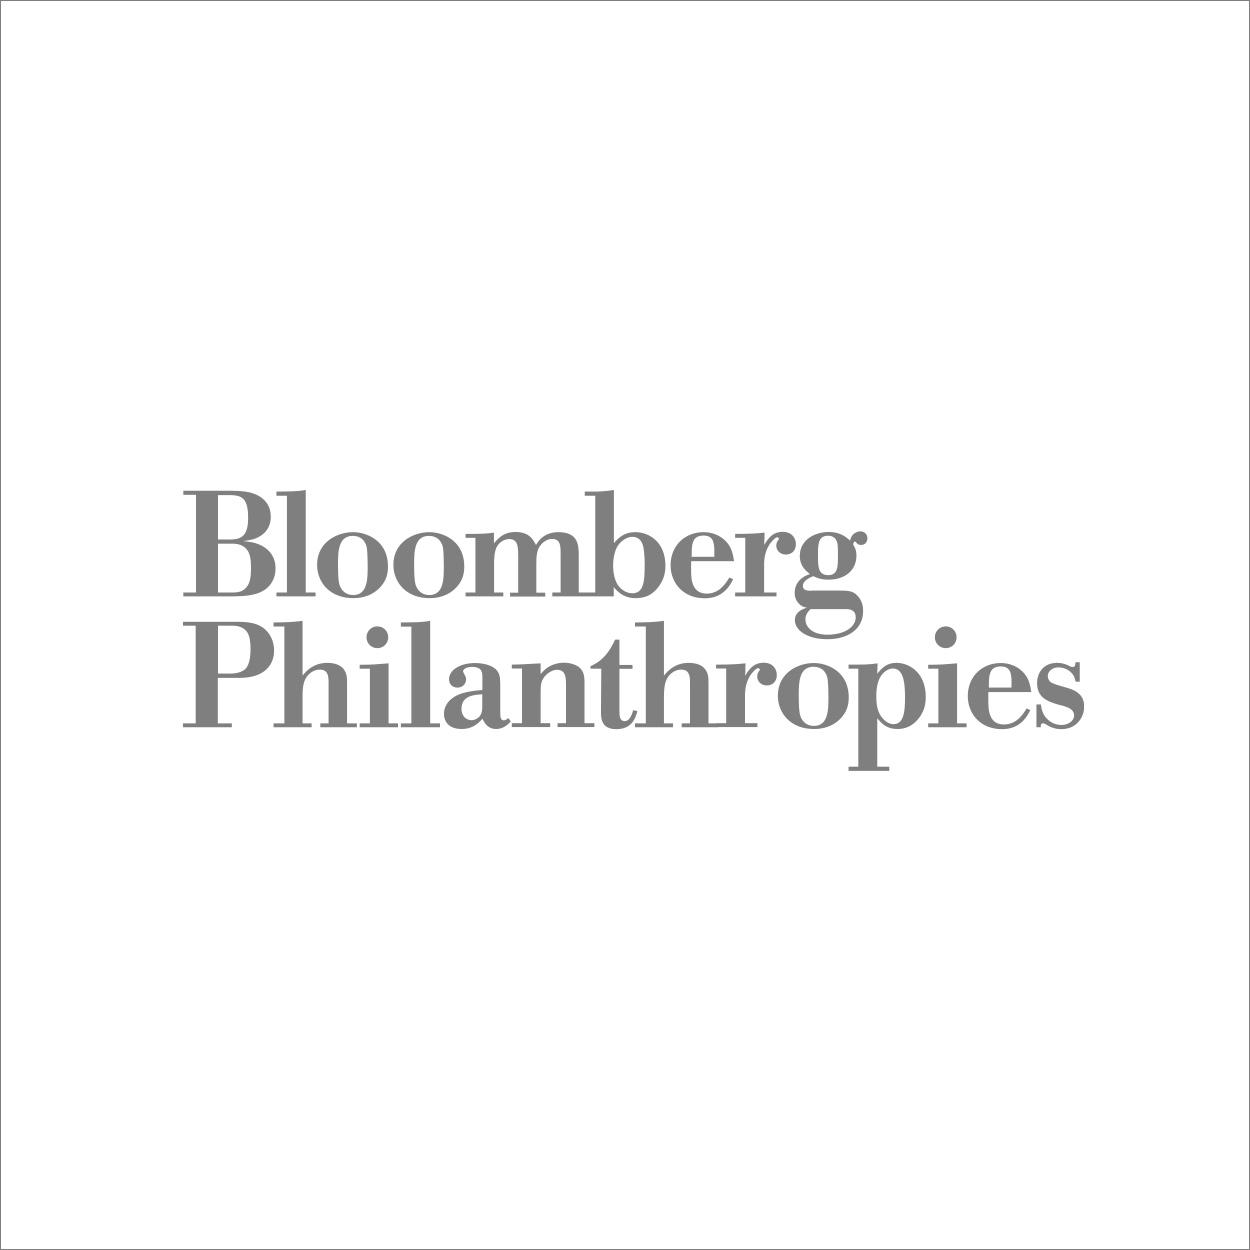 bloomberg_logo.jpg